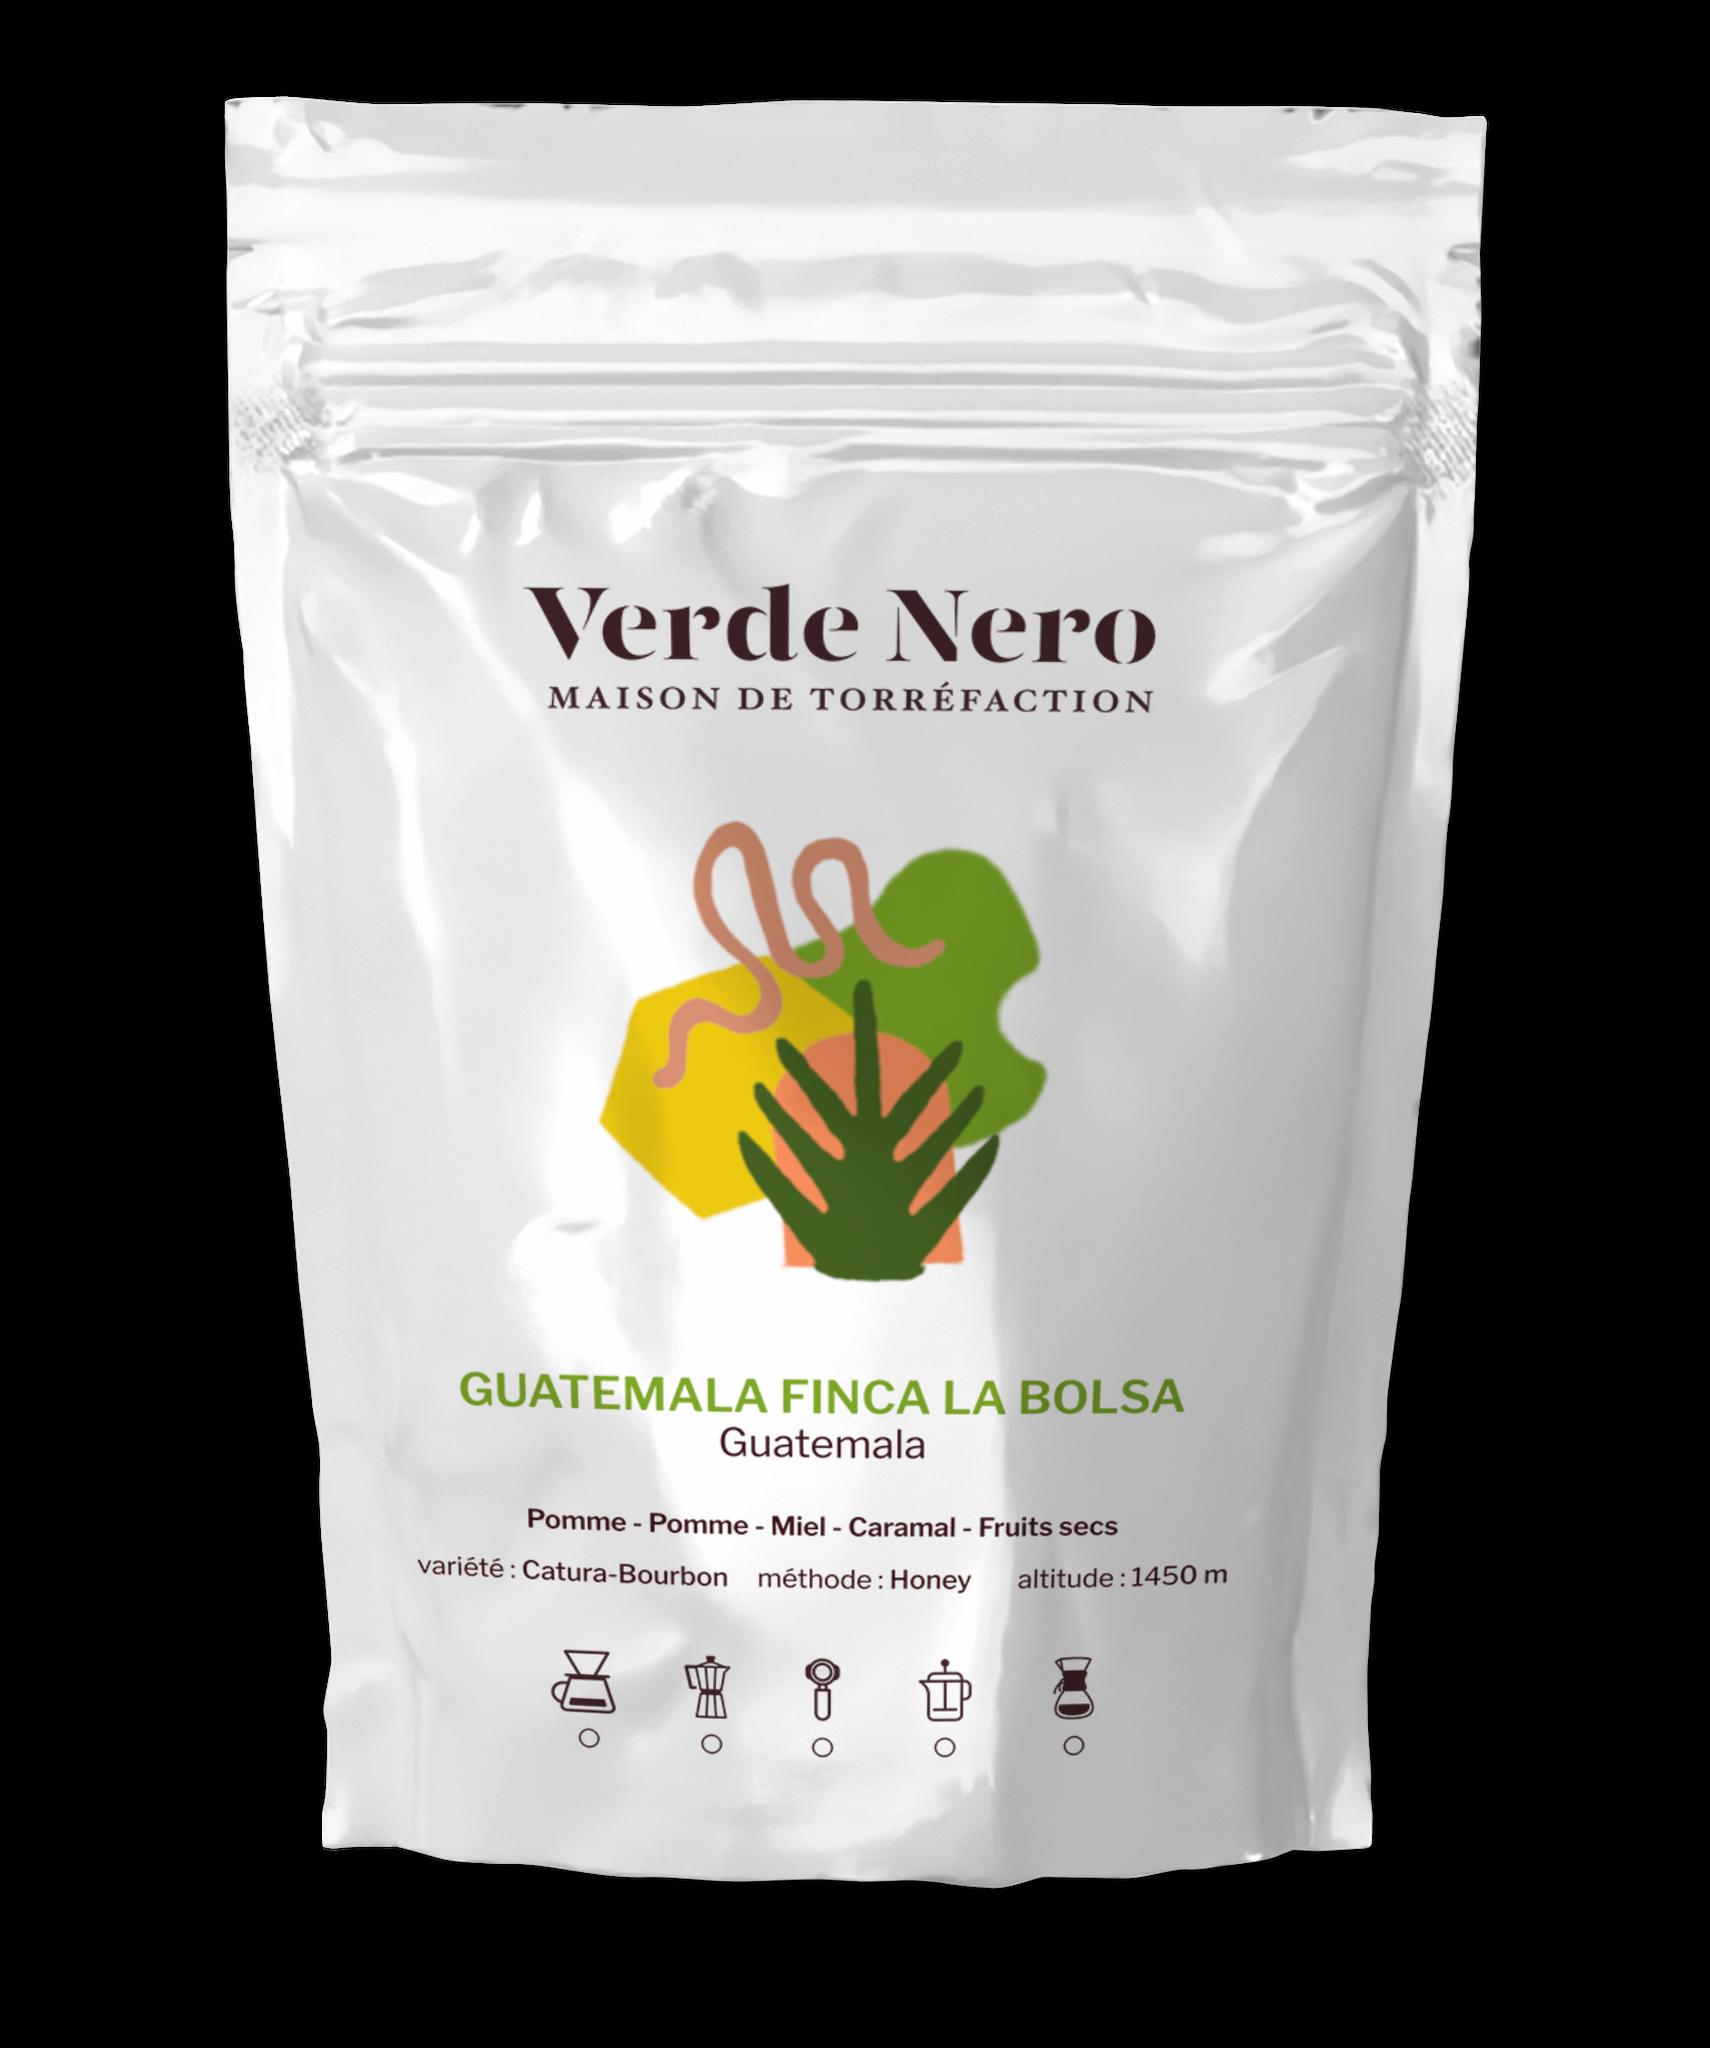 Verde Nero Café - Guatemala Finca la Bolsa